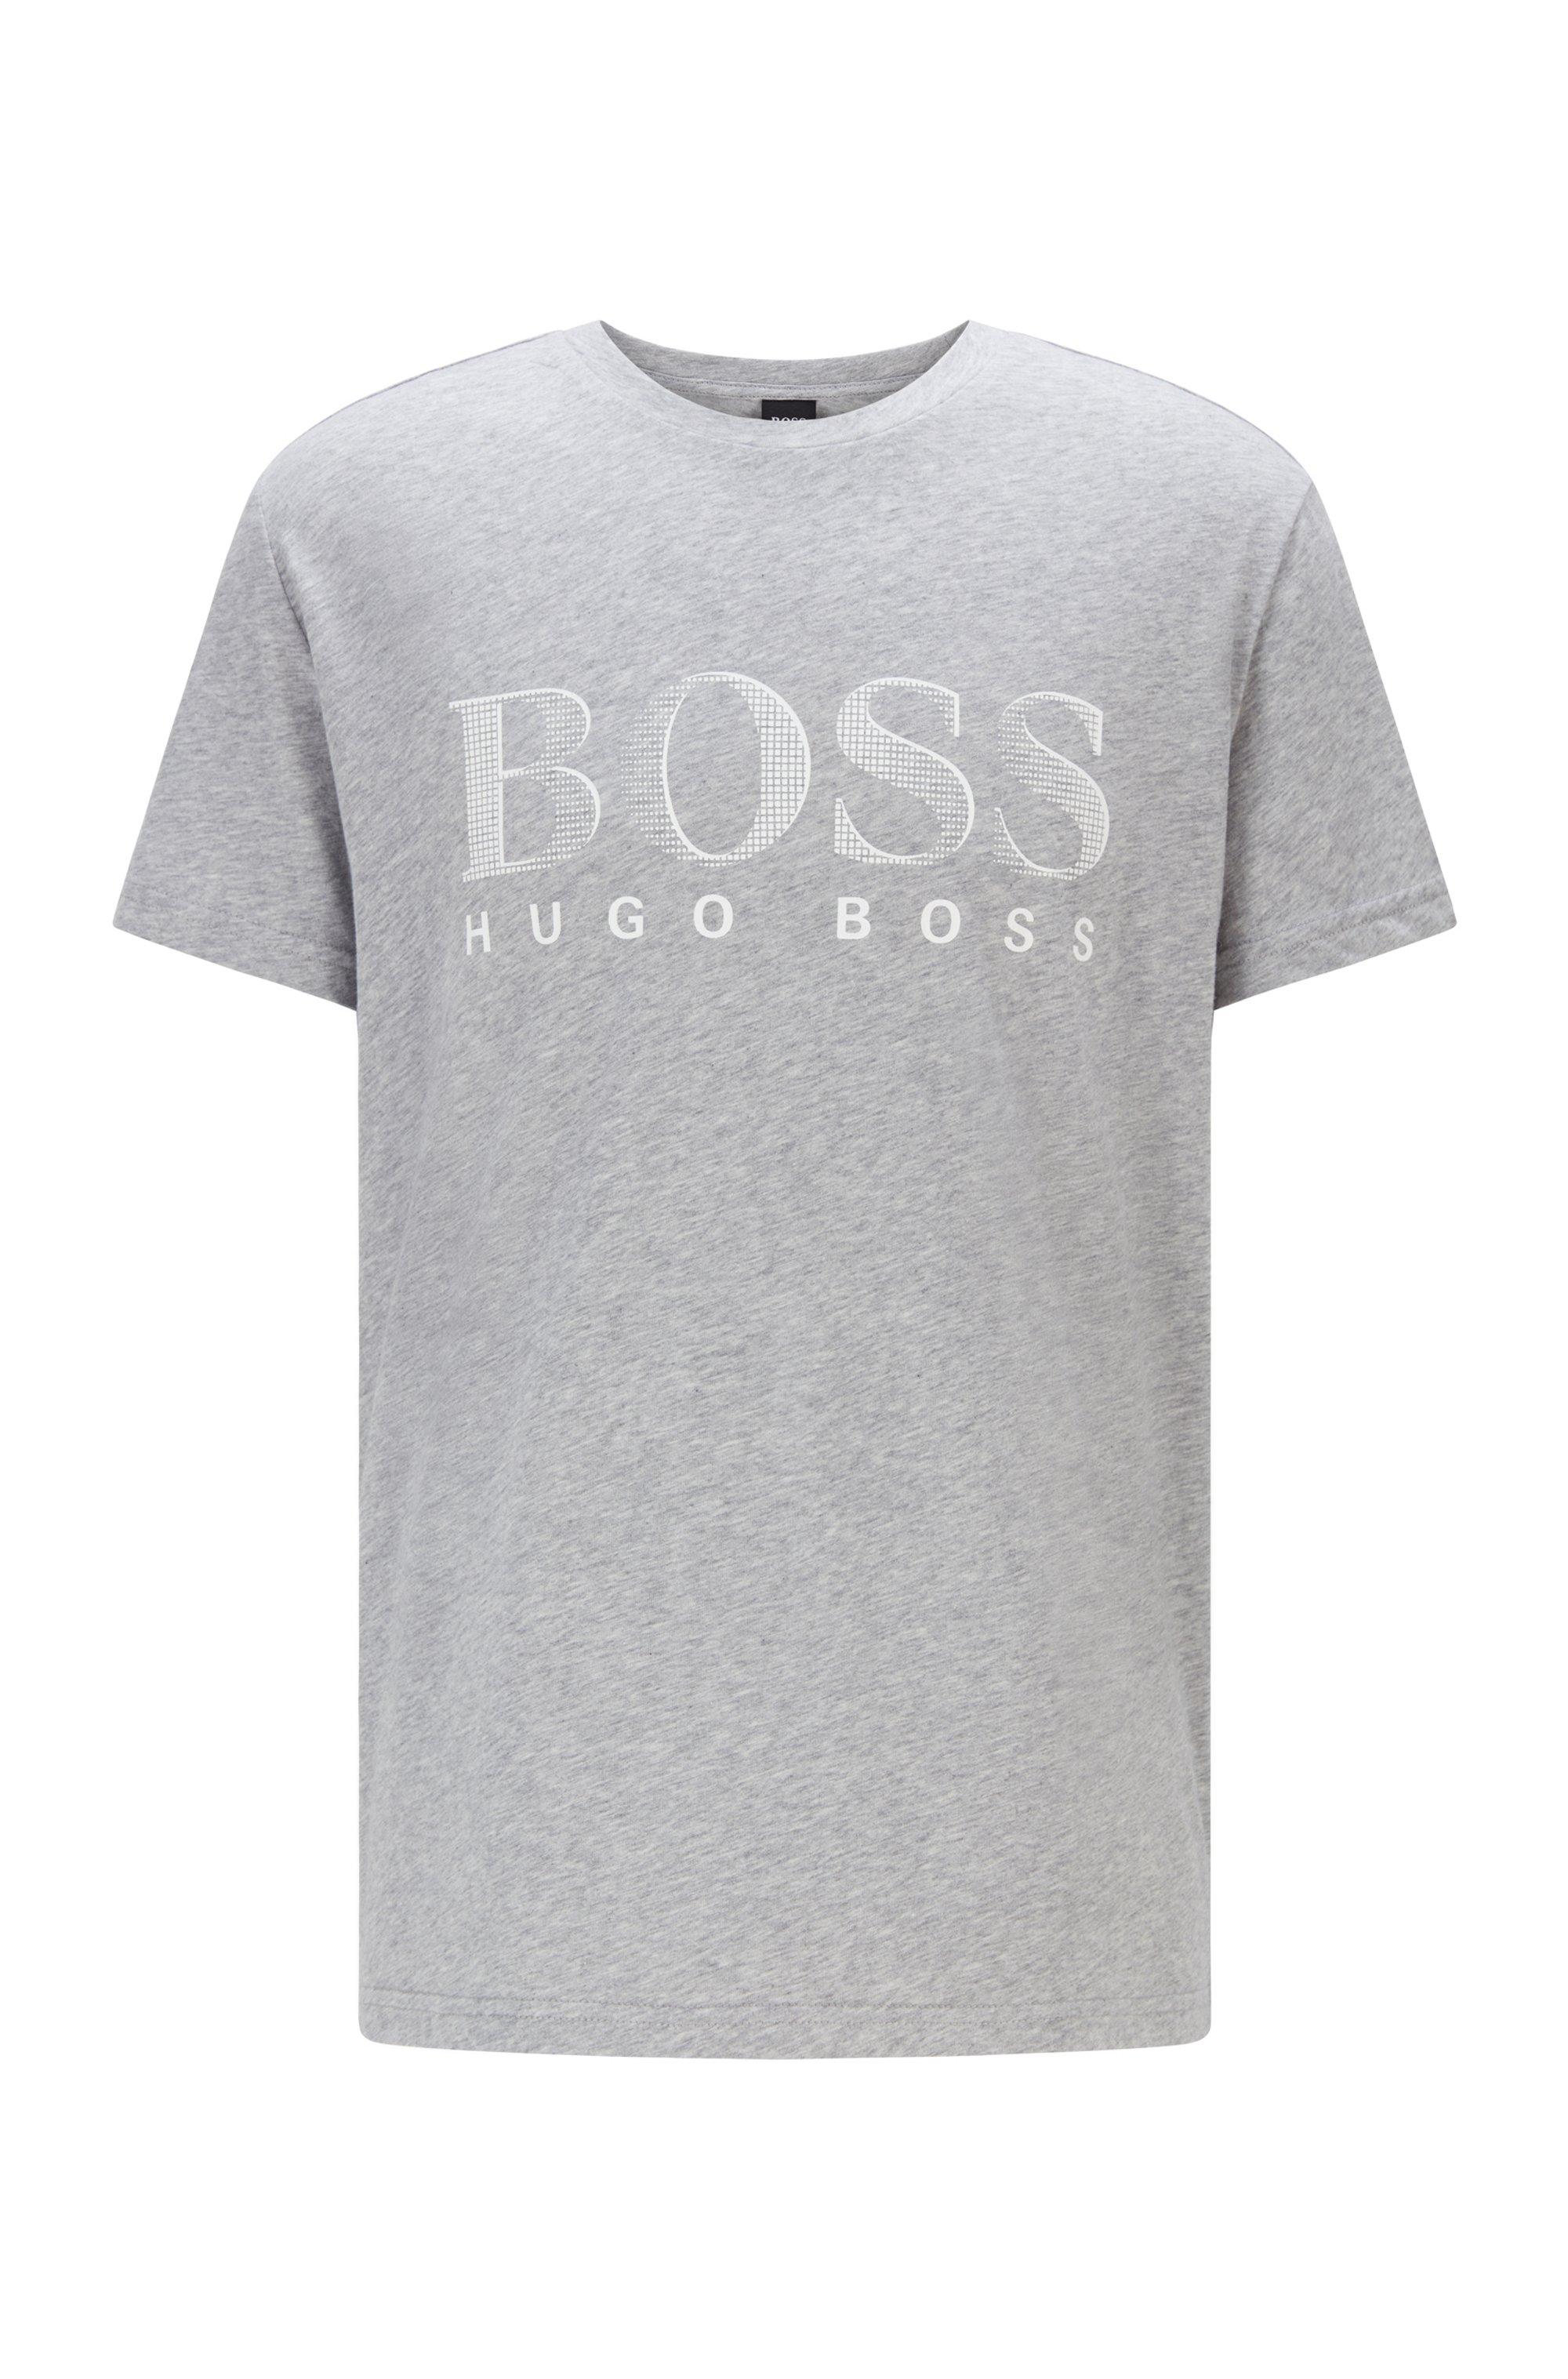 Relaxed-Fit T-Shirt aus Baumwolle mit UV-Schutz LSF 50+ und Logo, Silber